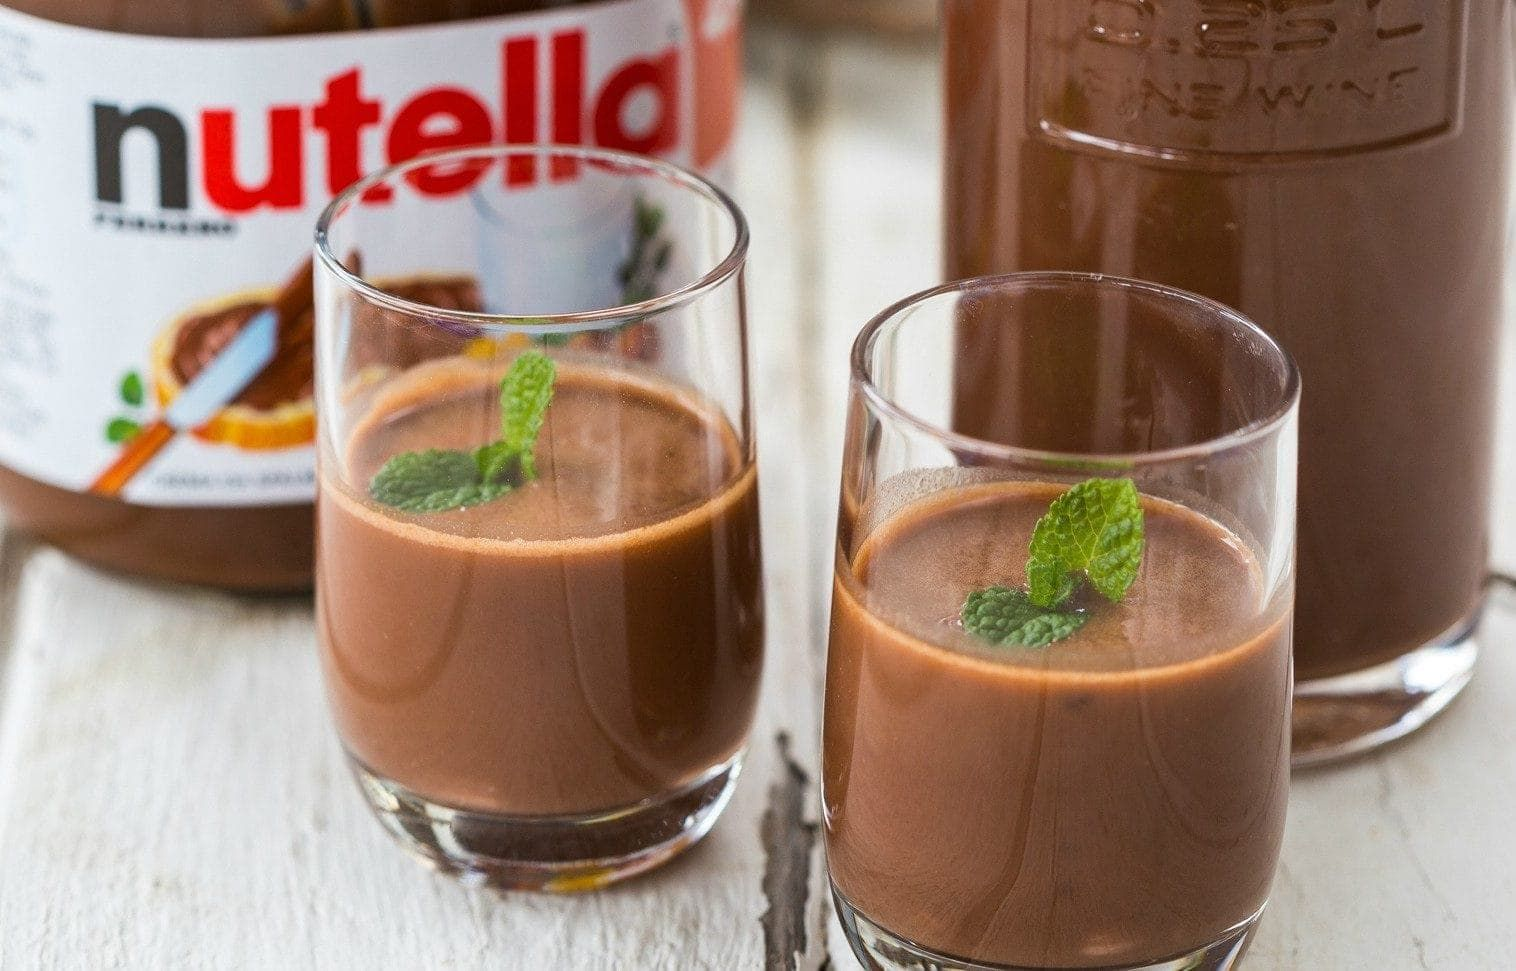 Nutellino Liquore Alla Nutella Fatto In Casa Ricetta Ricette